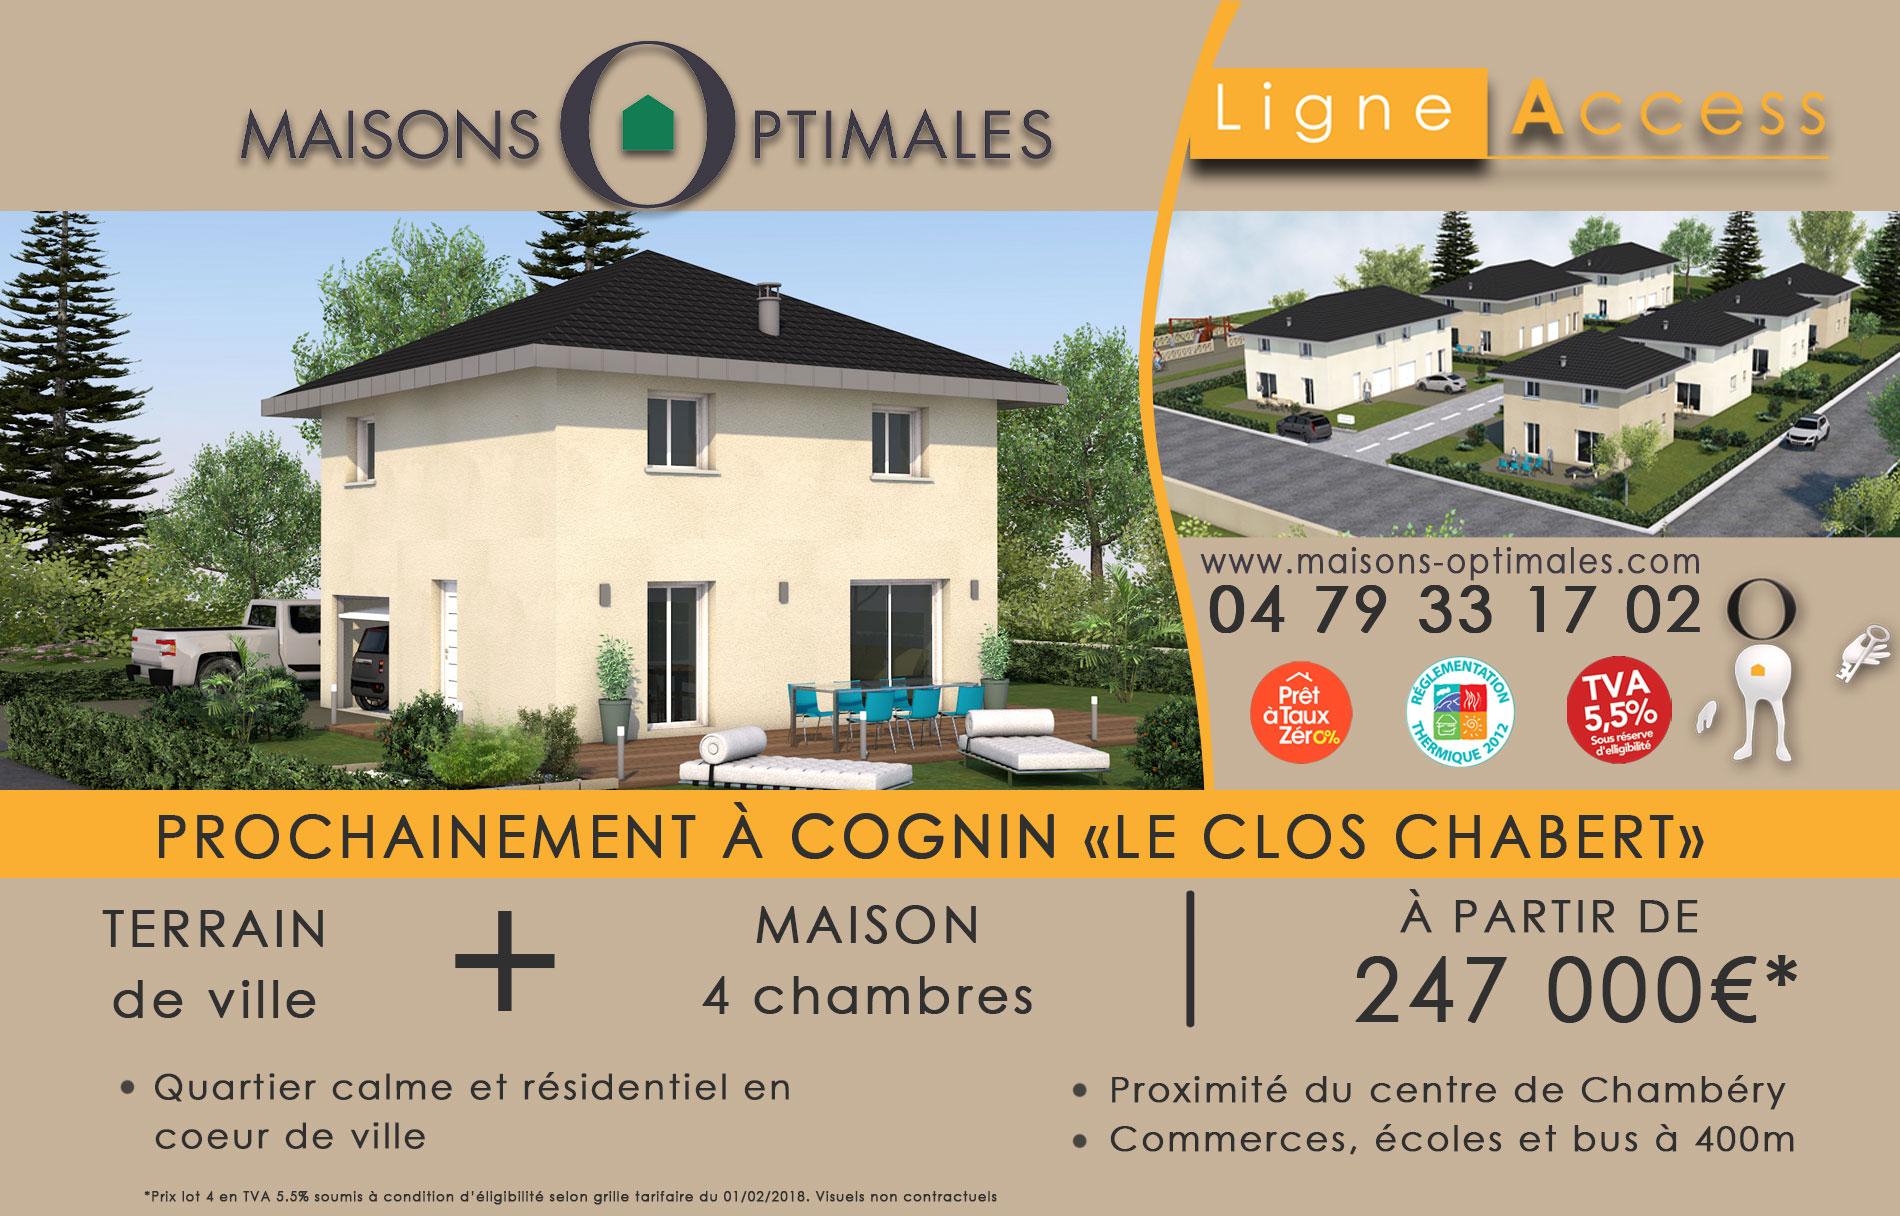 construire - construction - clos chabert -cognin -maison ville -